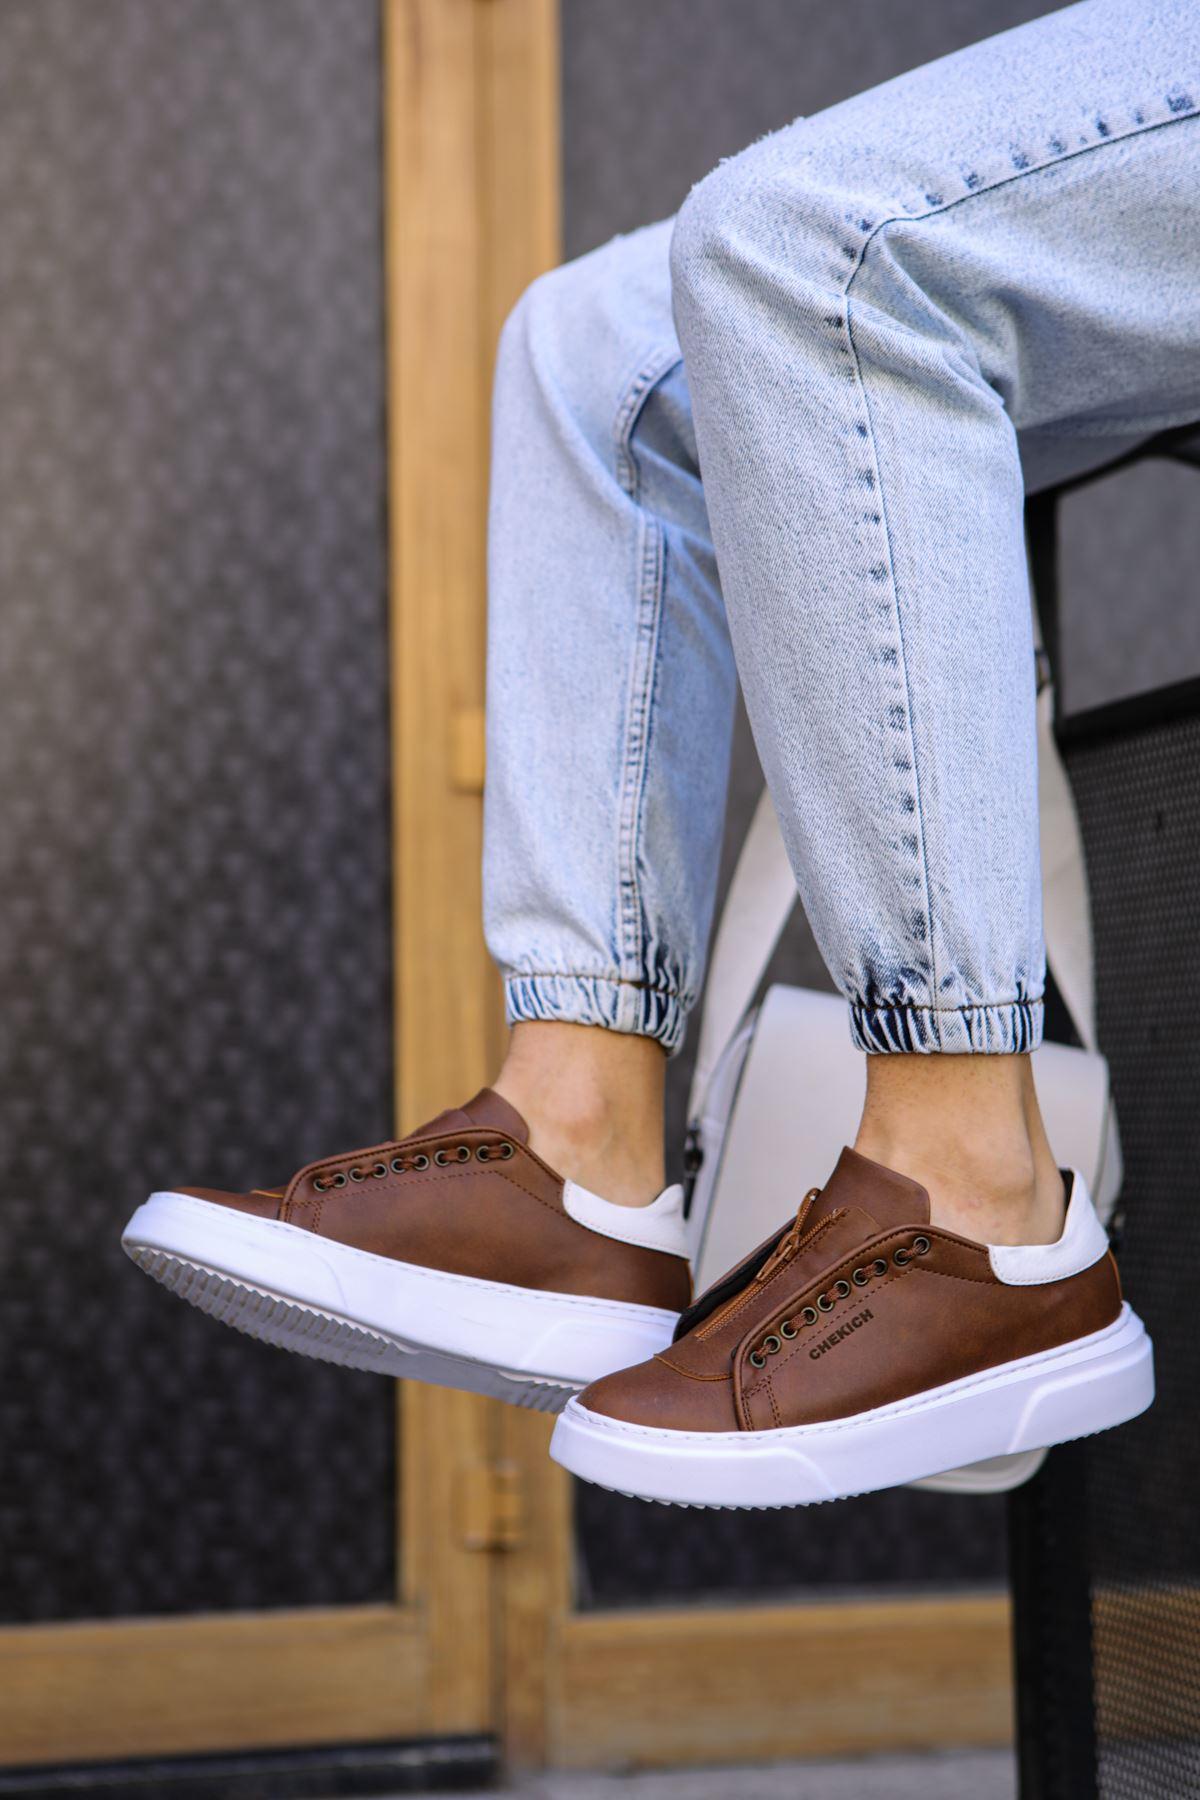 Chekich CH092 GBT Erkek Ayakkabı TABA/BEYAZ